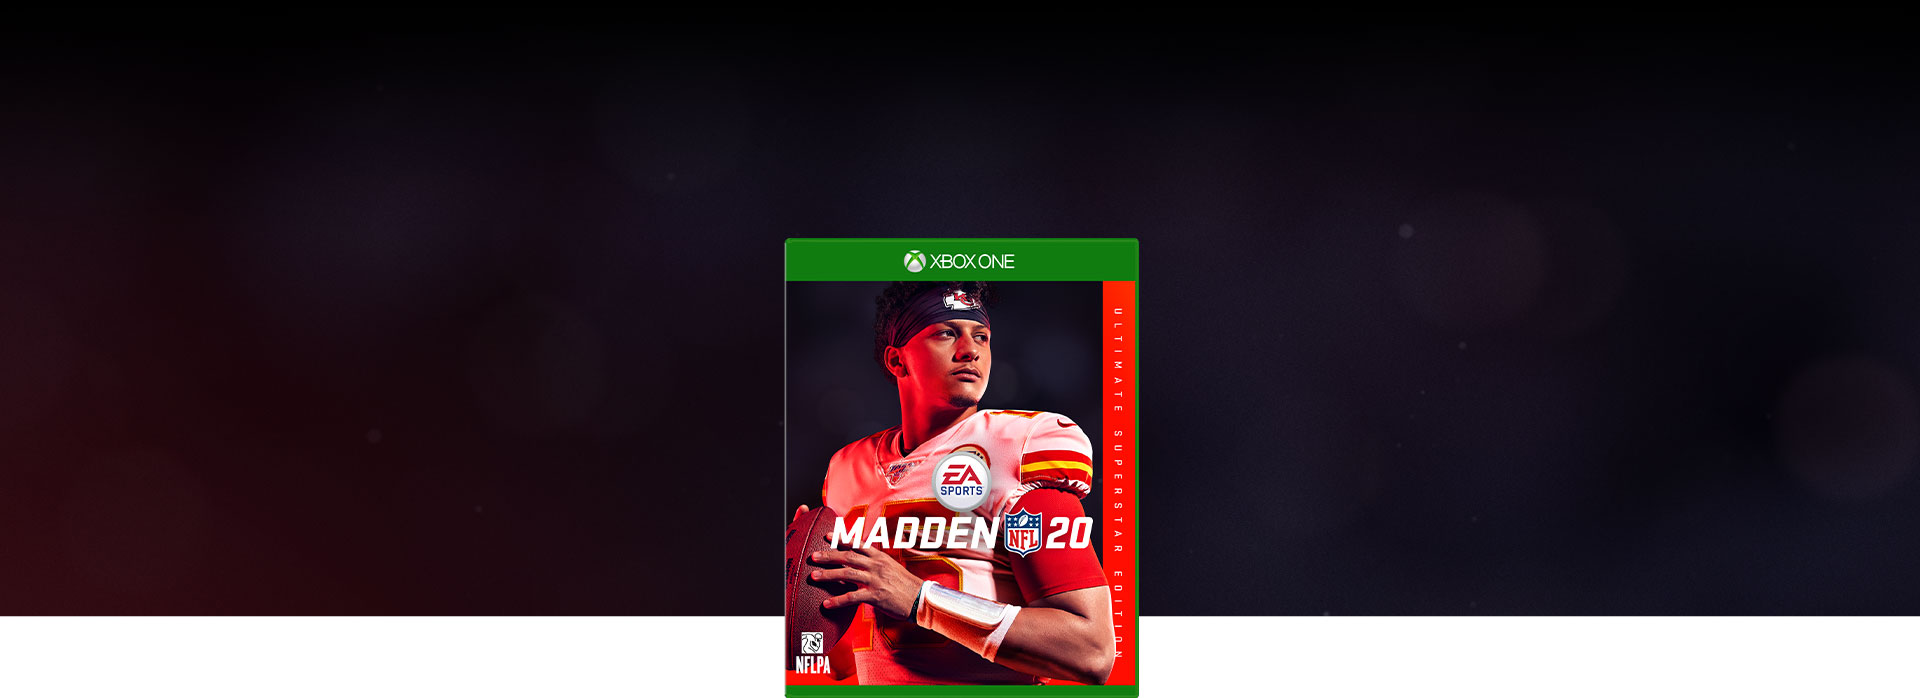 Madden NFL 20-doosafbeelding, zwart op rood vervaagde achtergrond